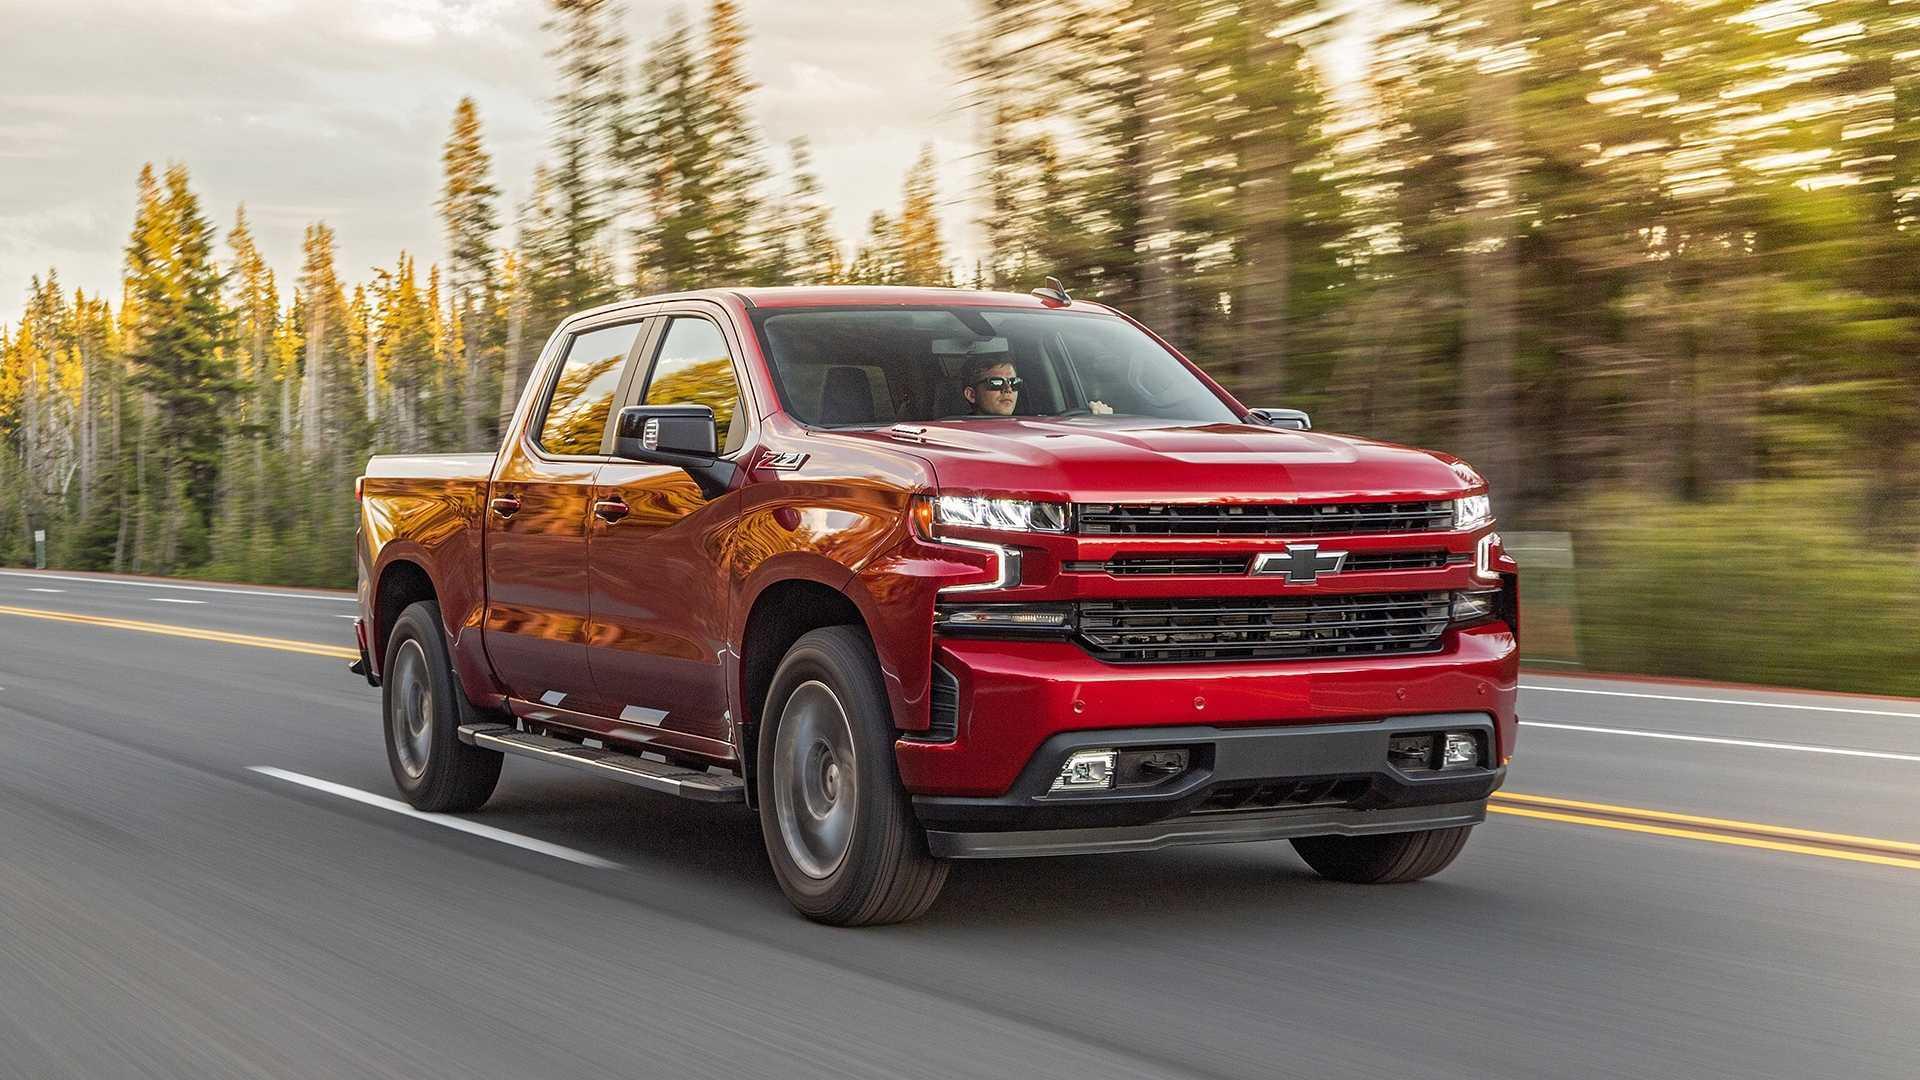 2021 Spy Silverado 1500 Diesel Reviews